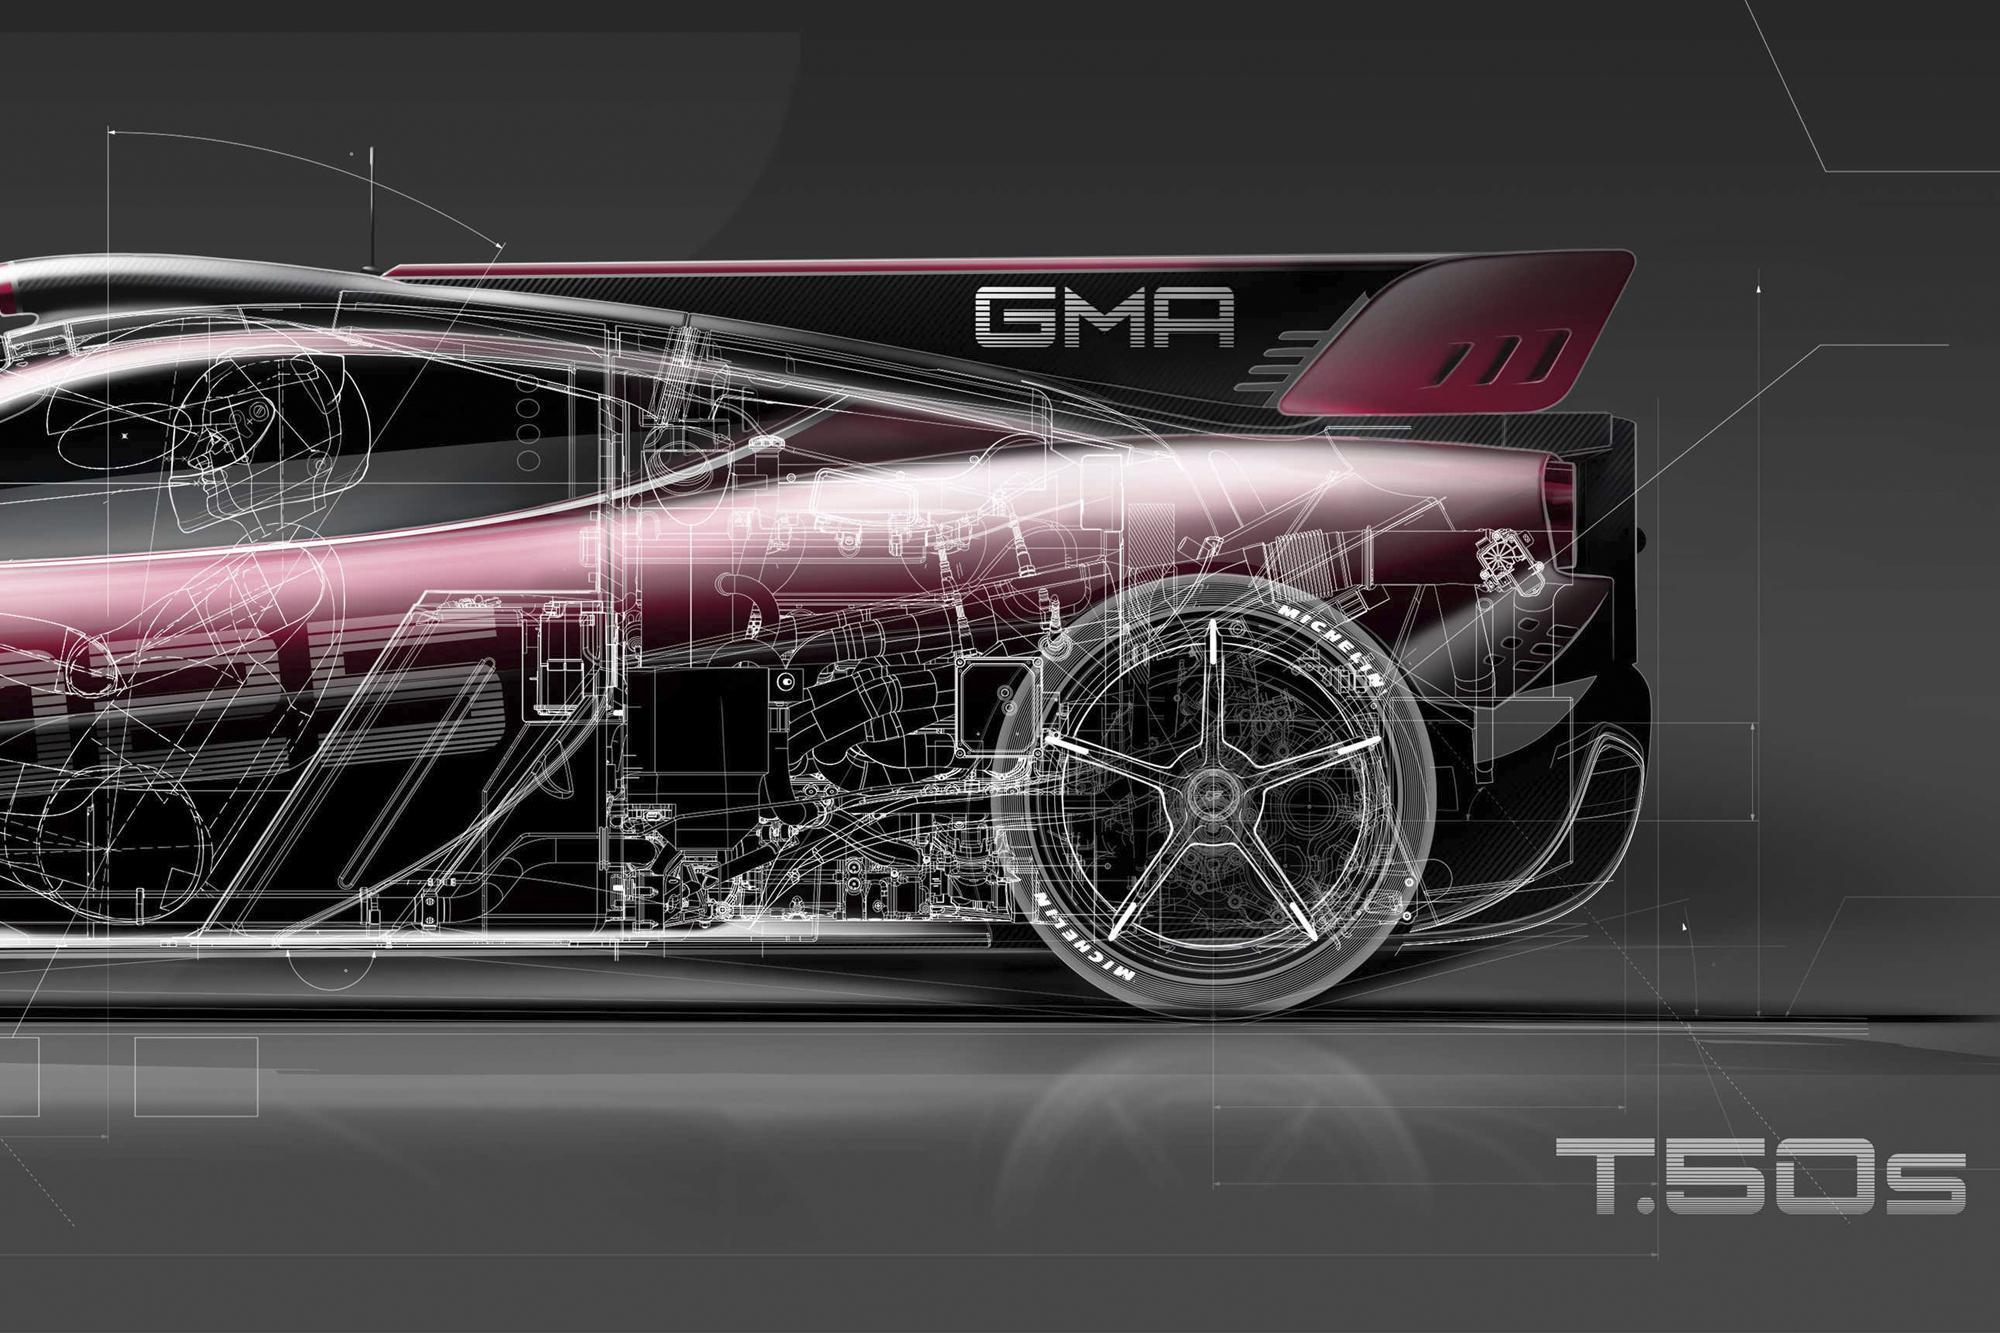 Έρχεται το GMA T.50s